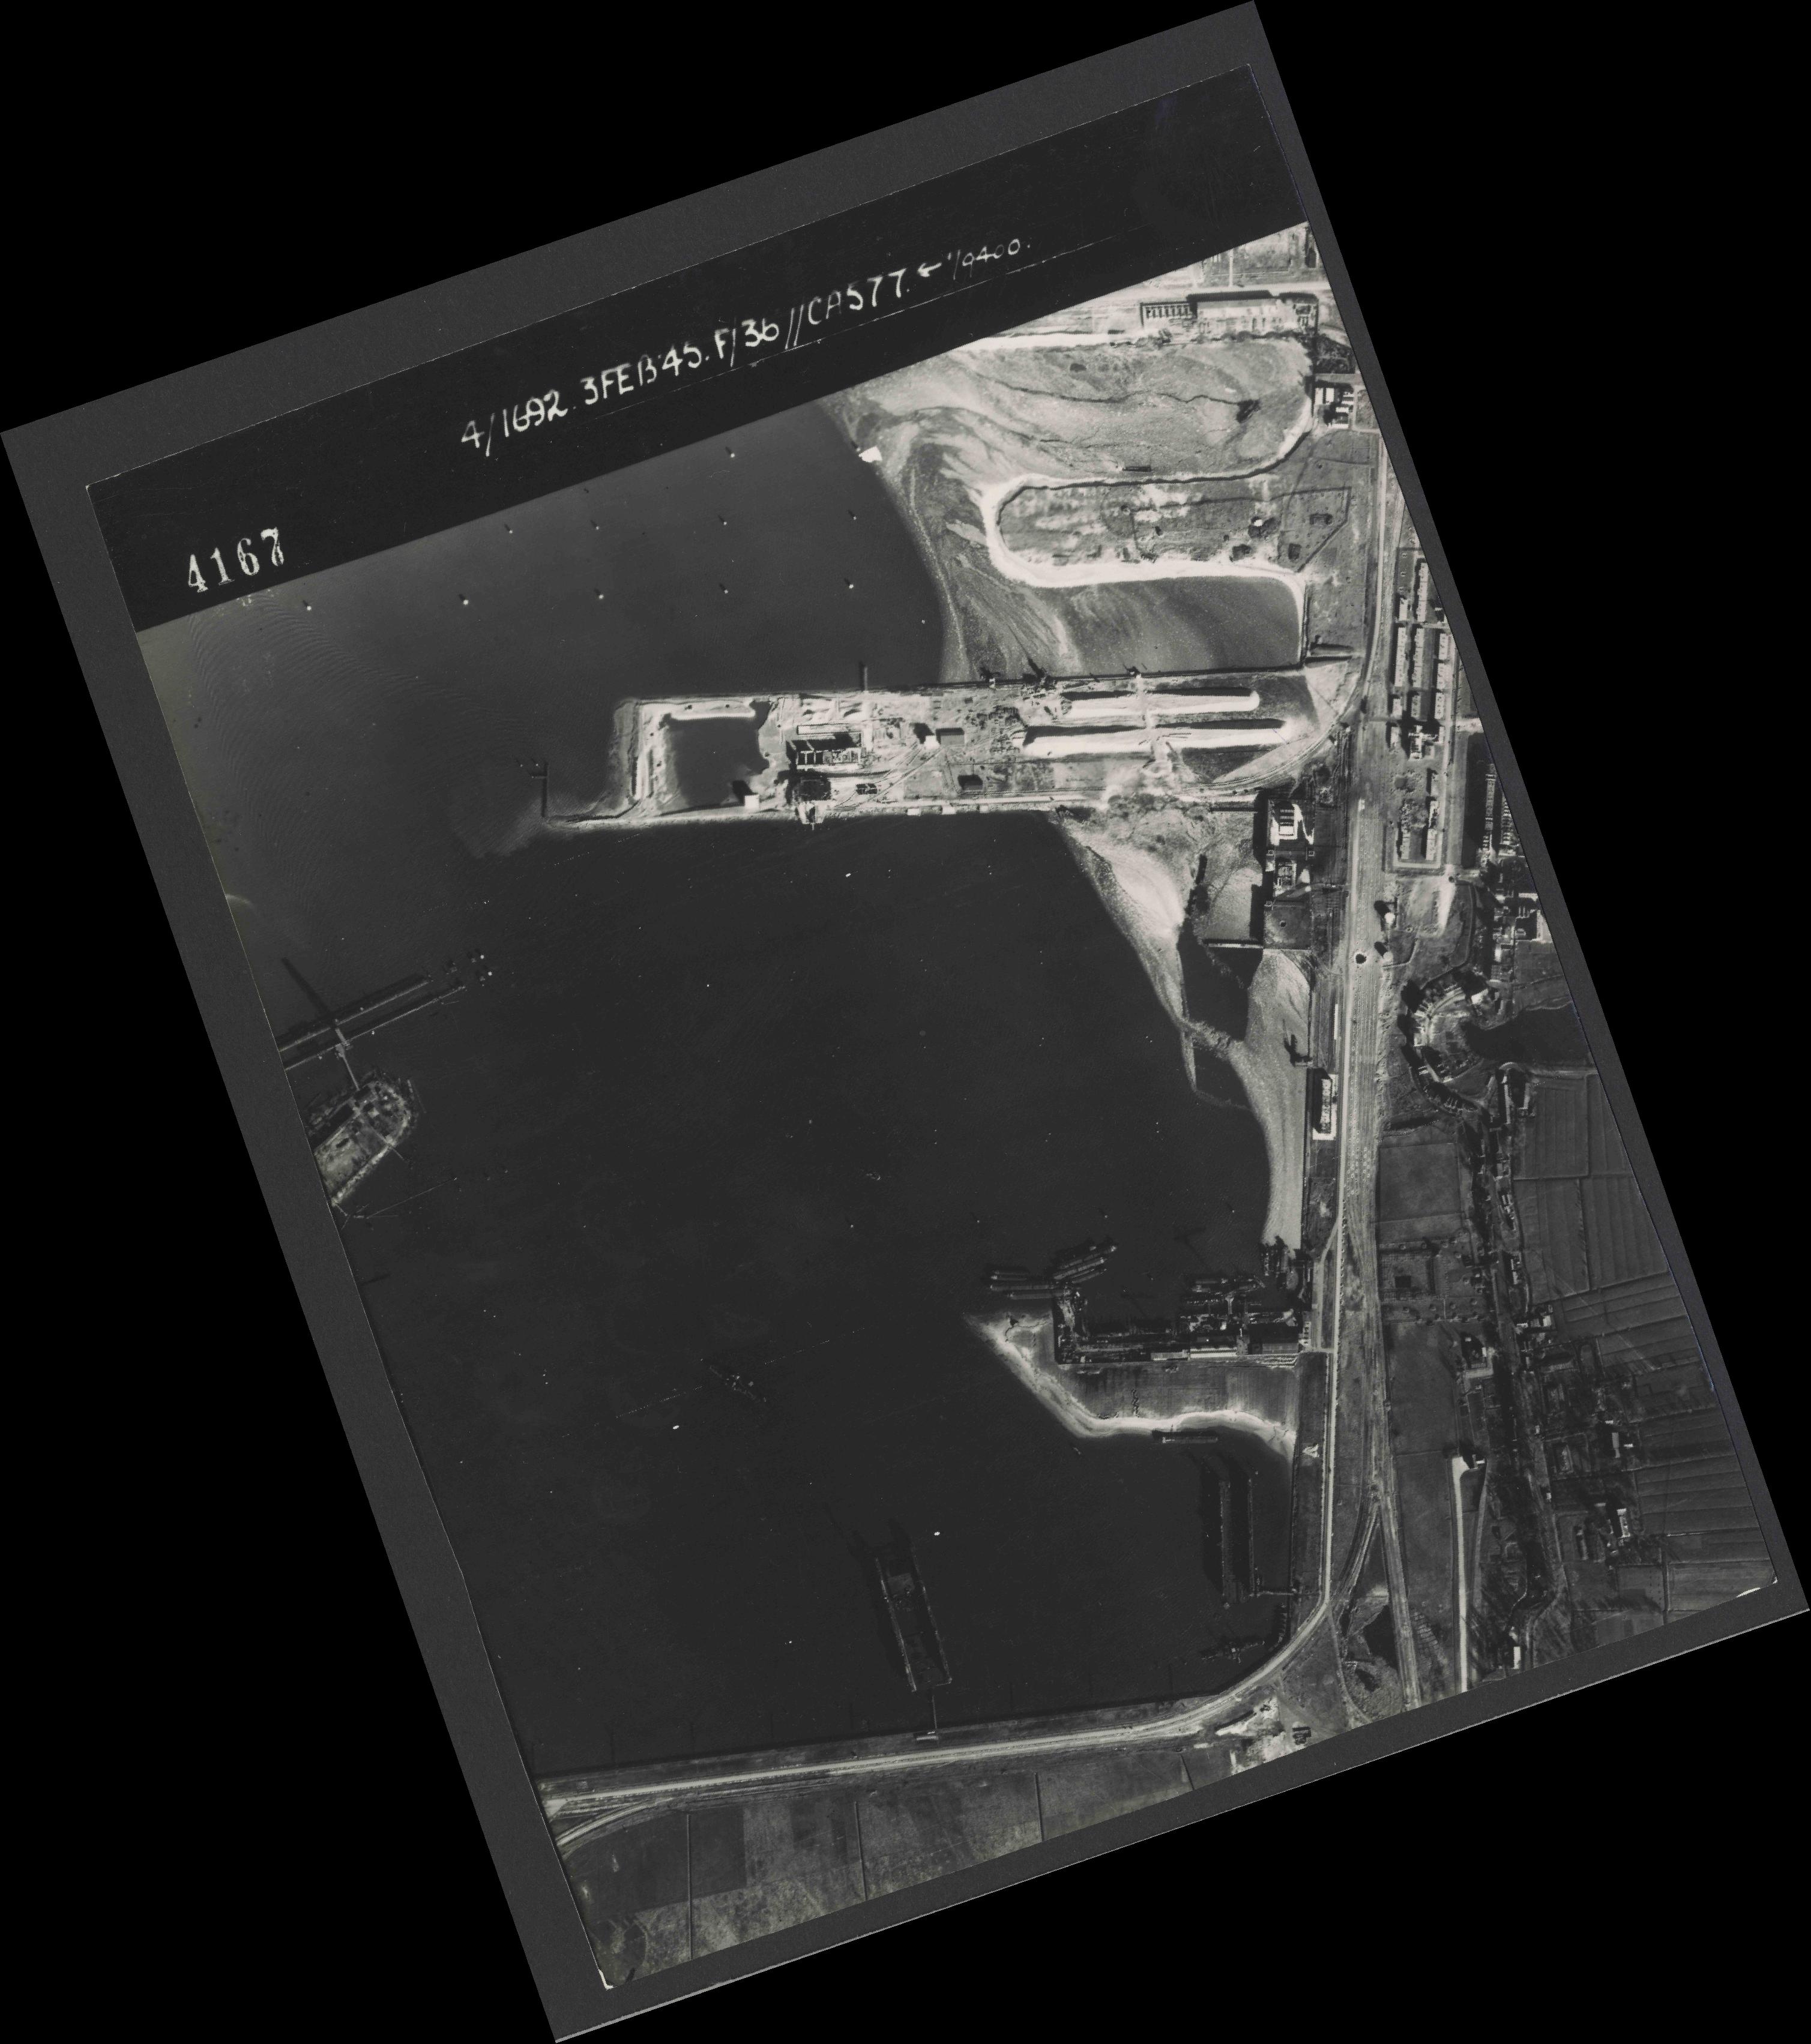 Collection RAF aerial photos 1940-1945 - flight 048, run 02, photo 4167